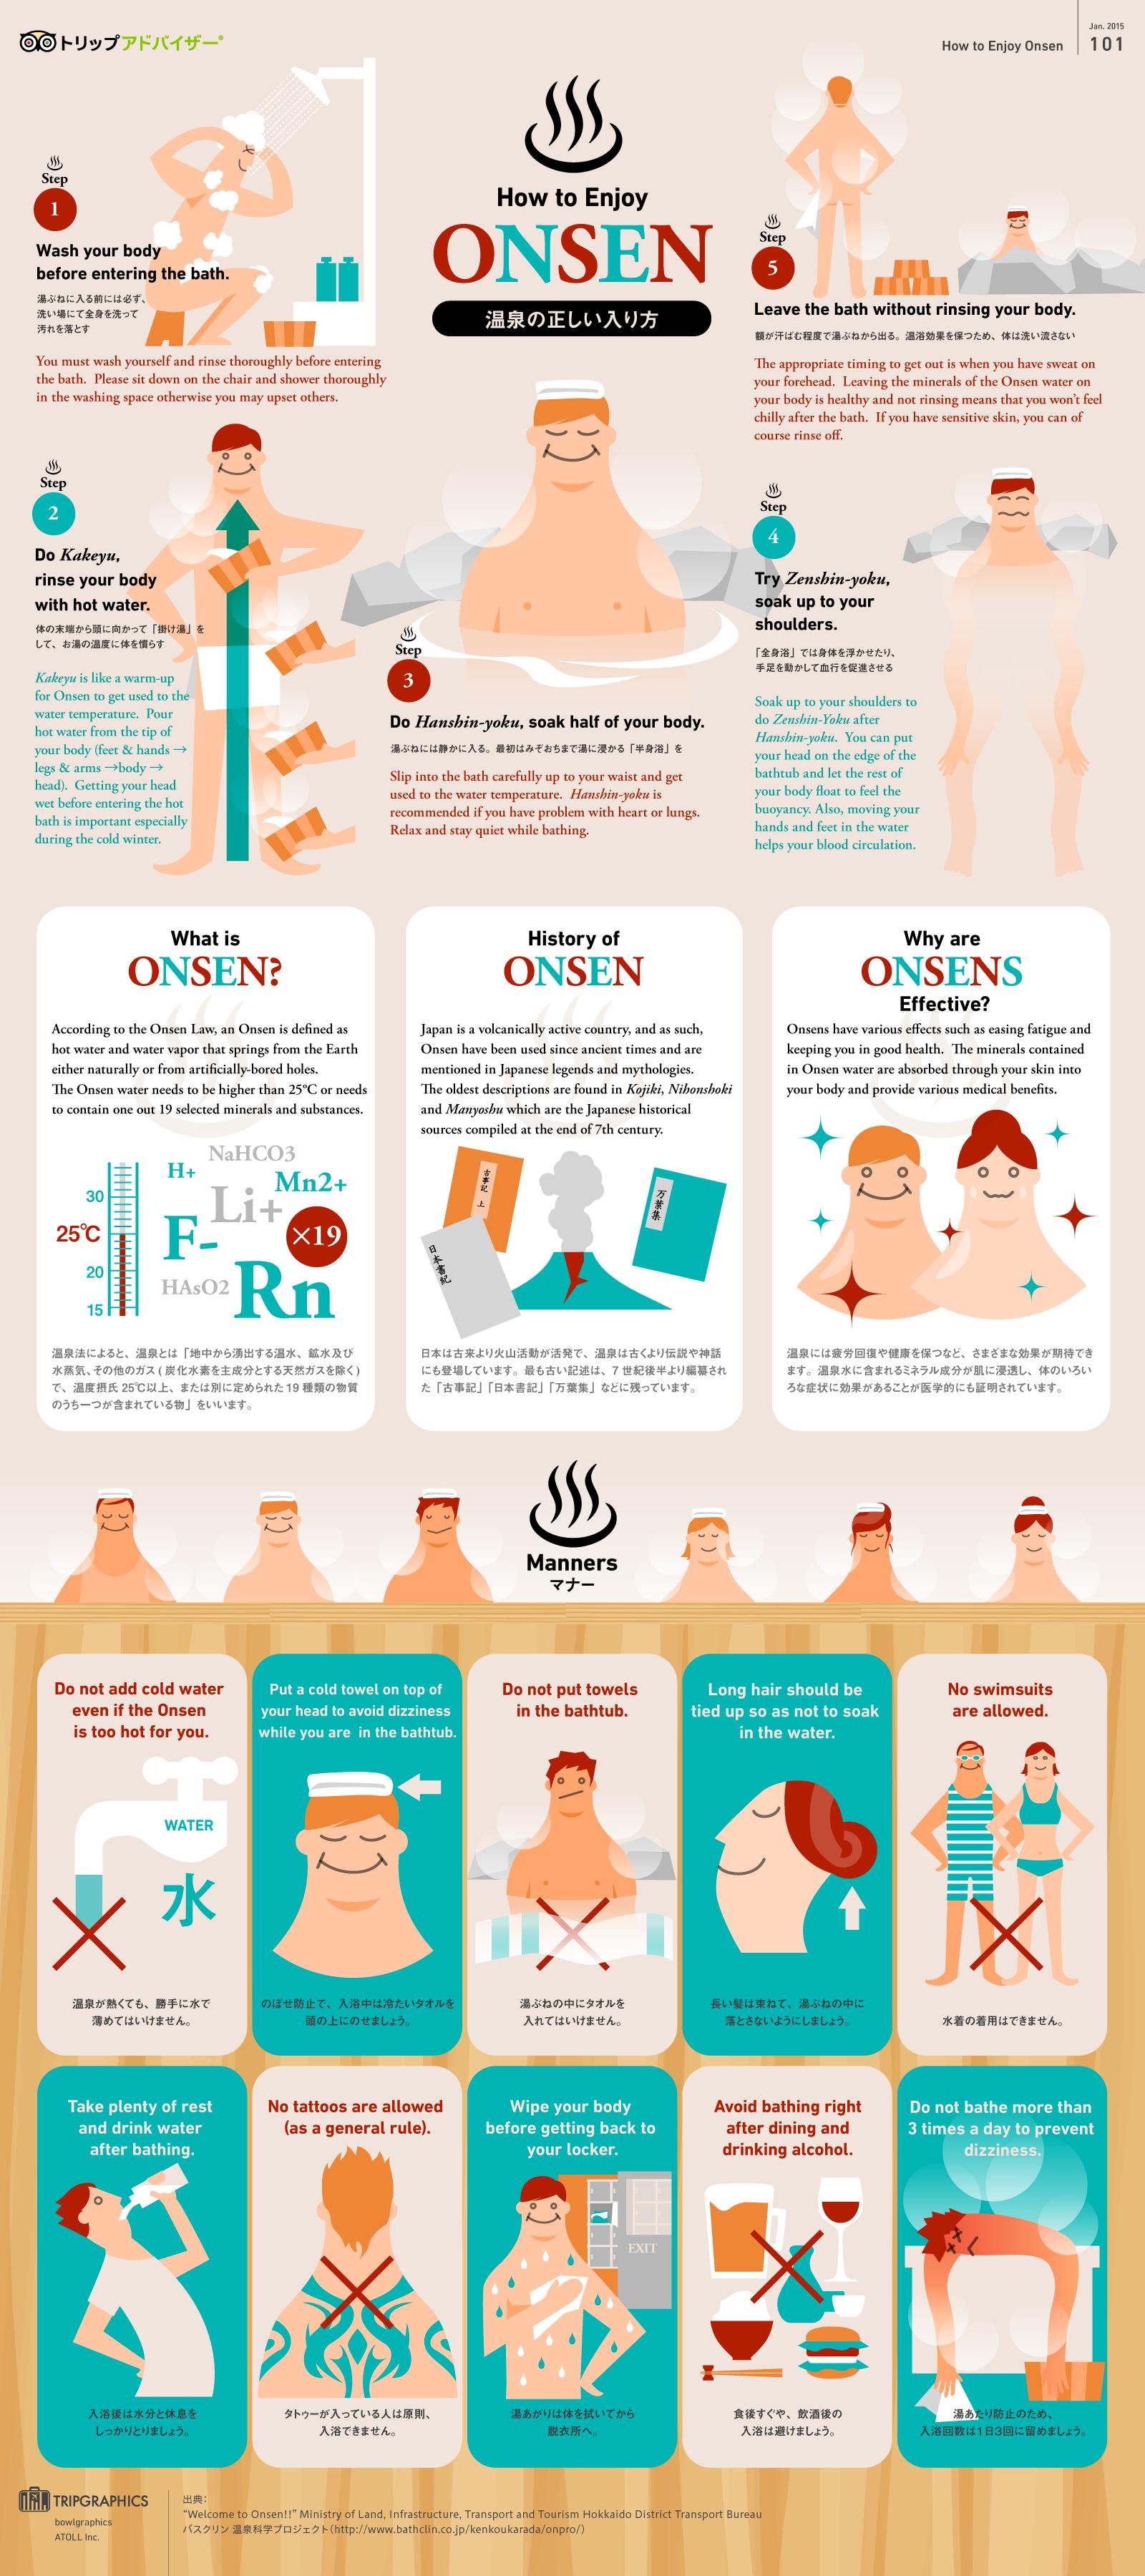 インフォグラフィック:温泉を楽しむ5つのルールと10個のマナー。外国人も日本人も再確認